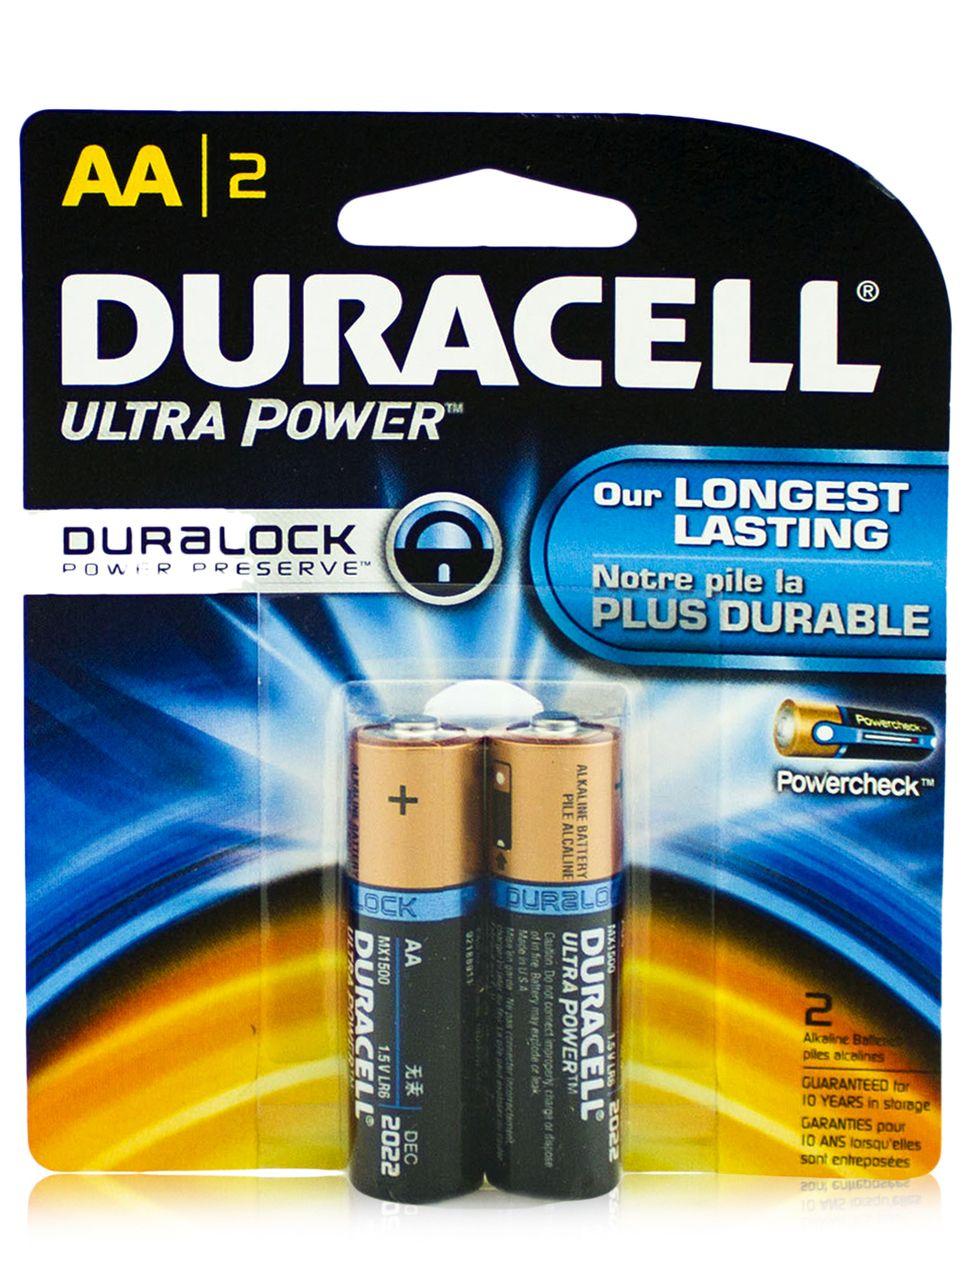 Duracell Ultra Power Duralock AA Alkaline Batteries 2Ct